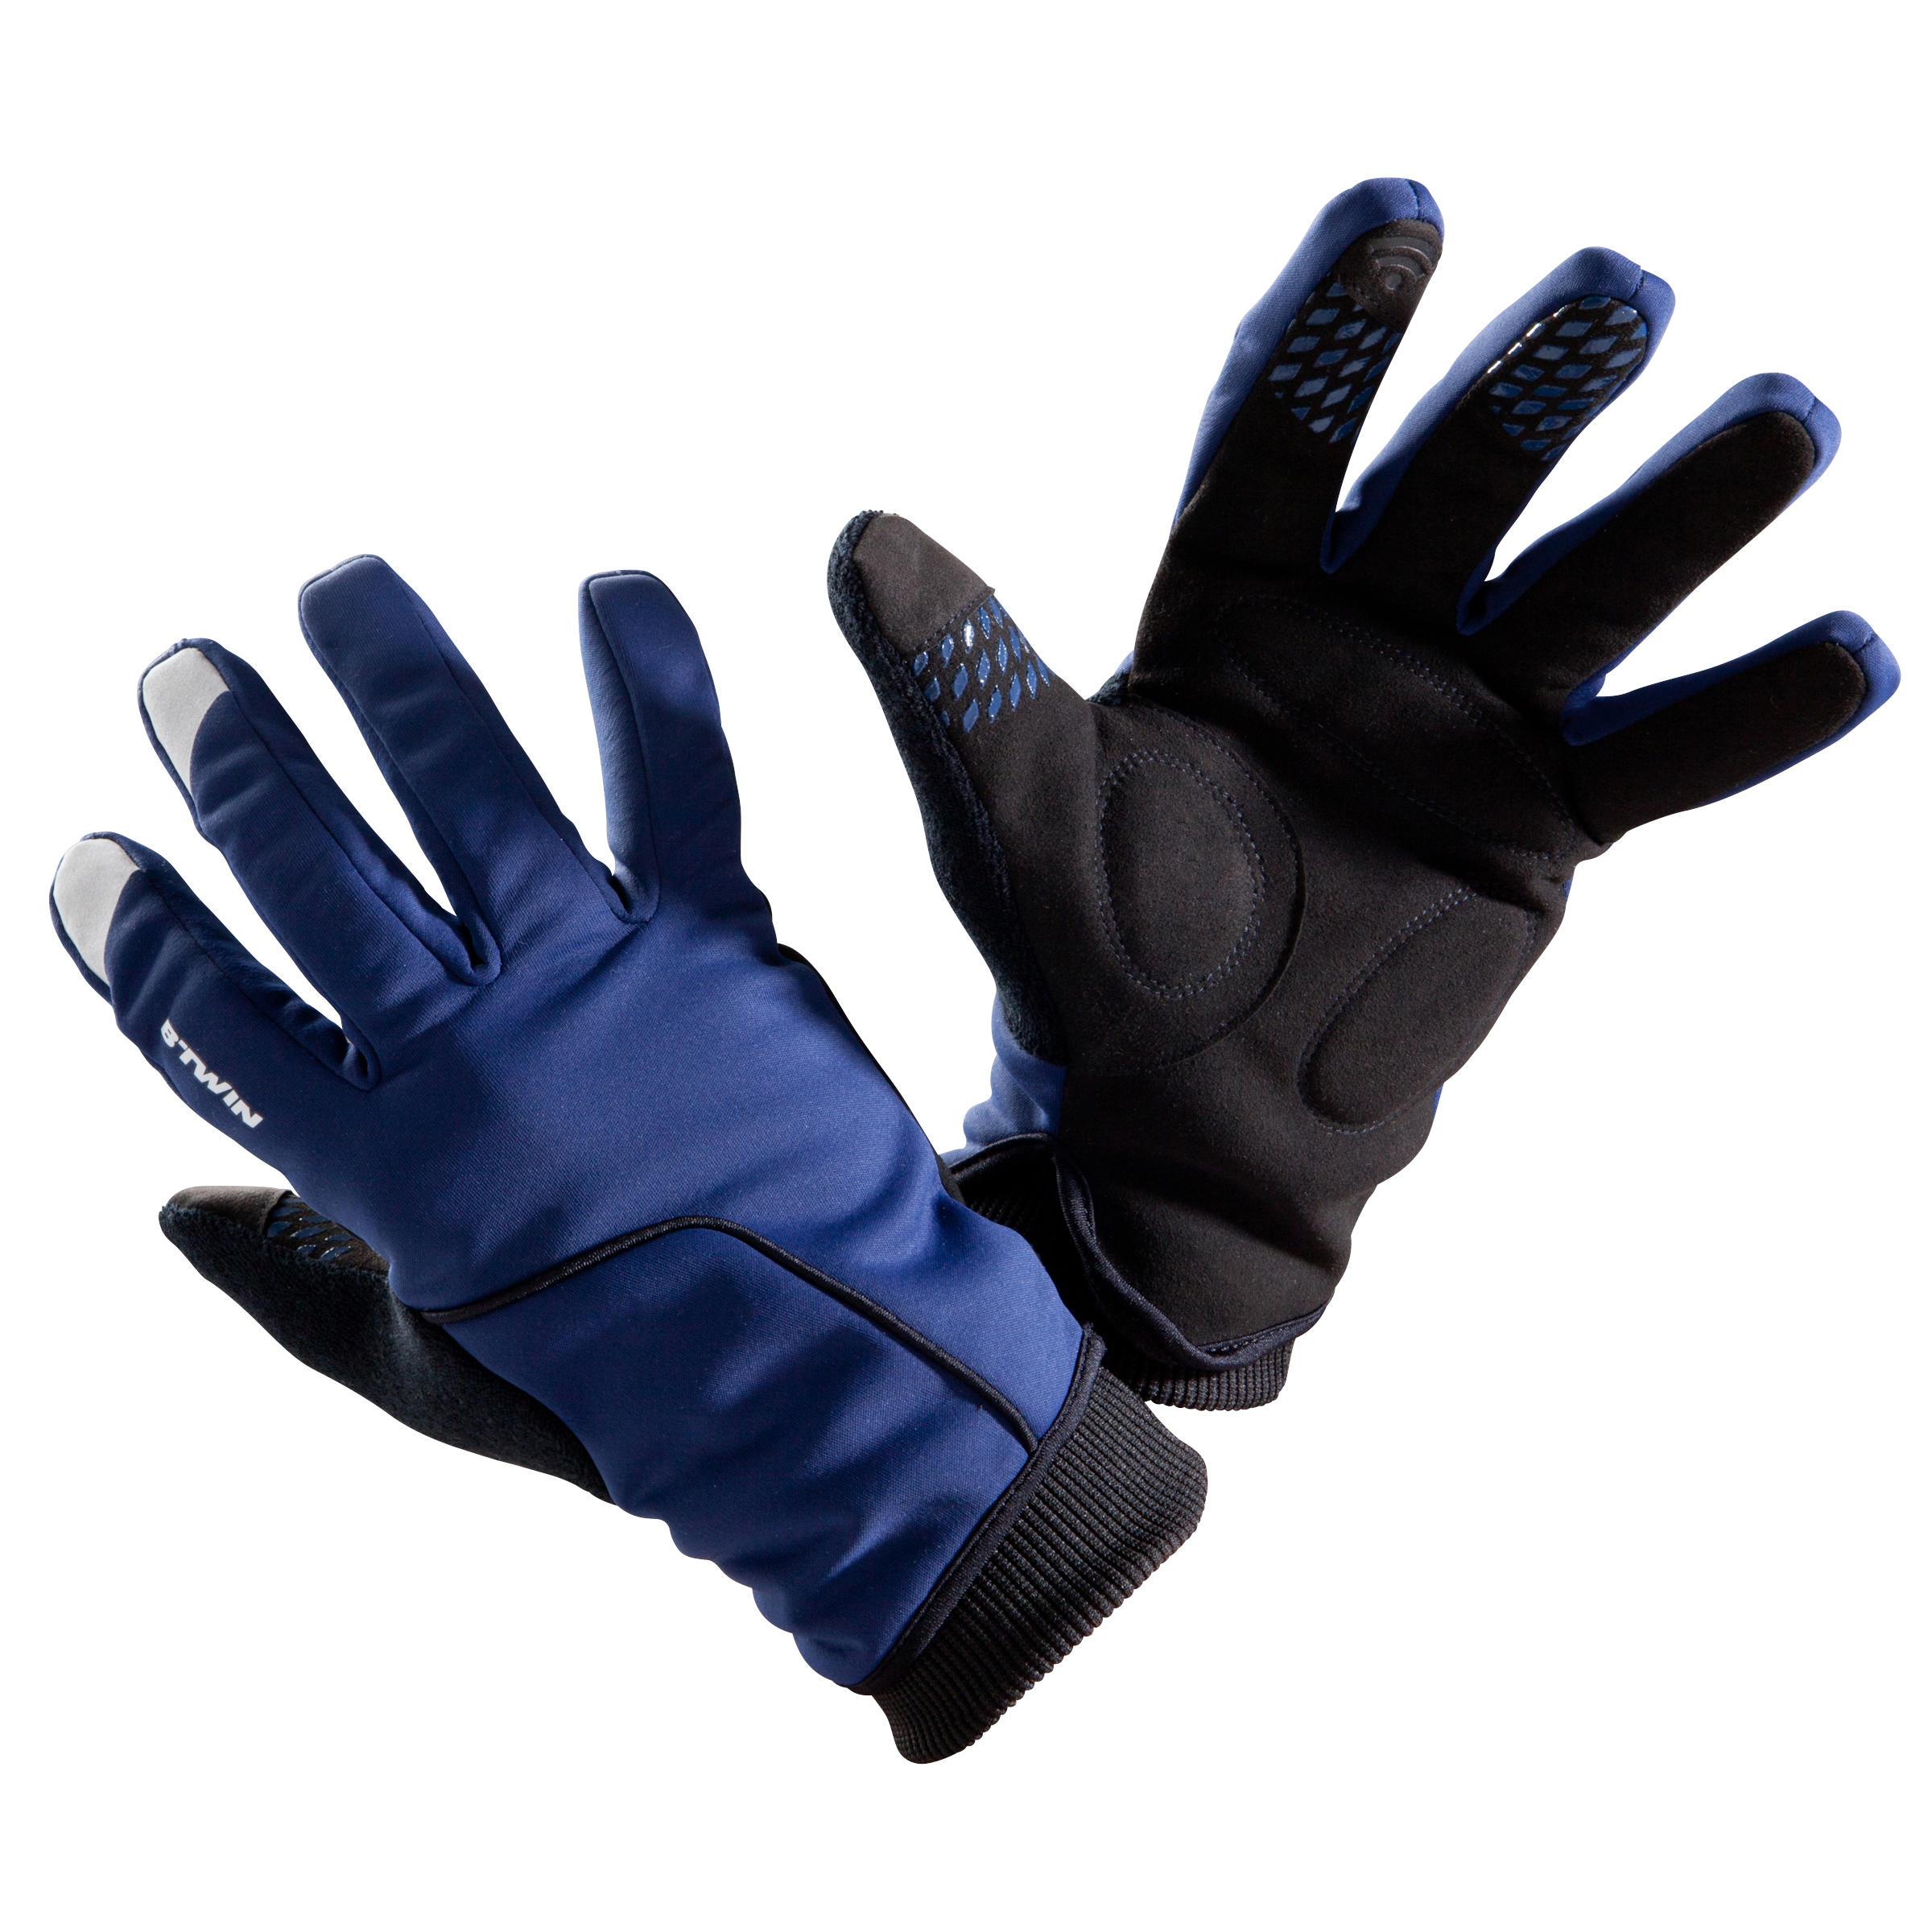 B'twin Fietshandschoenen 500 winter